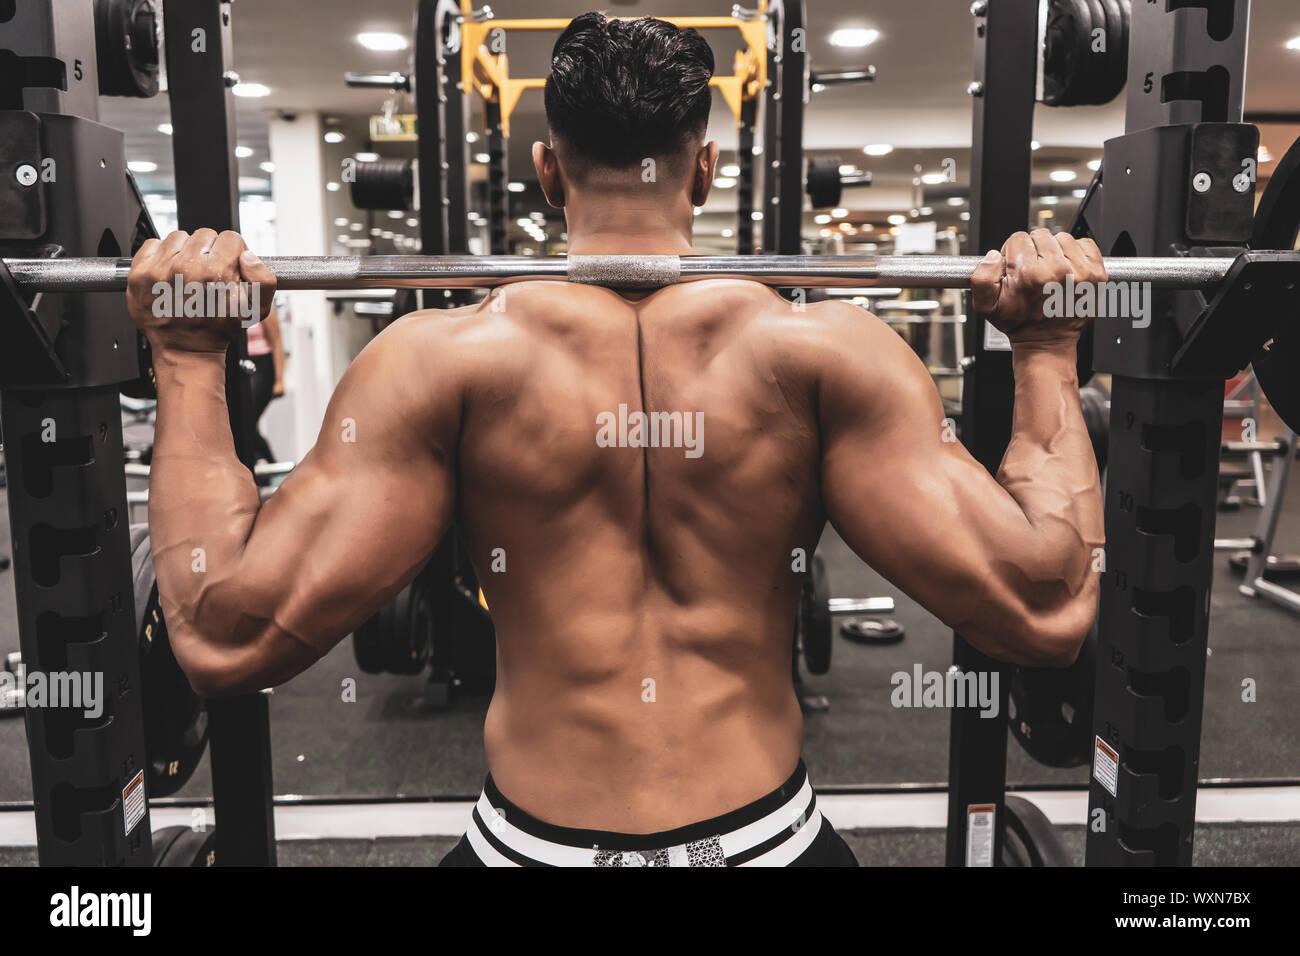 El hombre en el gimnasio. Ejecutar el ejercicio en cuclillas con el peso, en el gimnasio Foto de stock